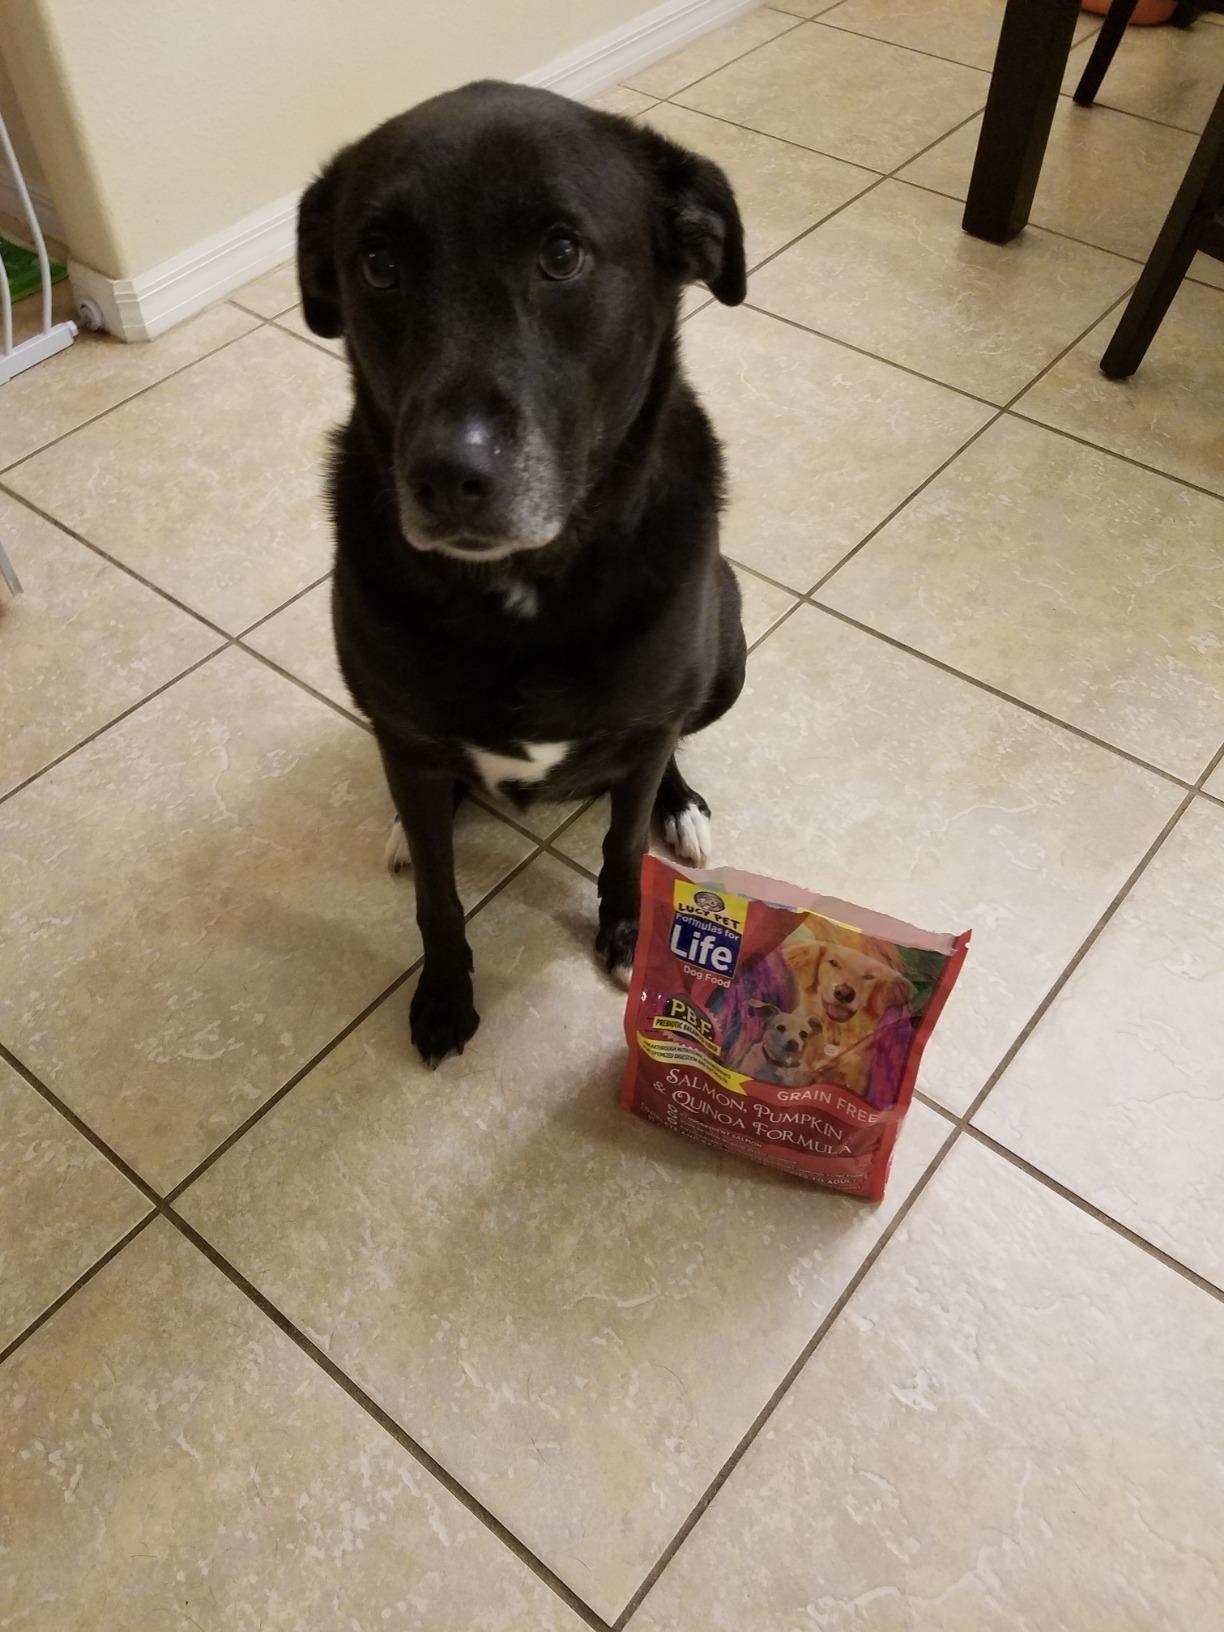 The bag of dog food